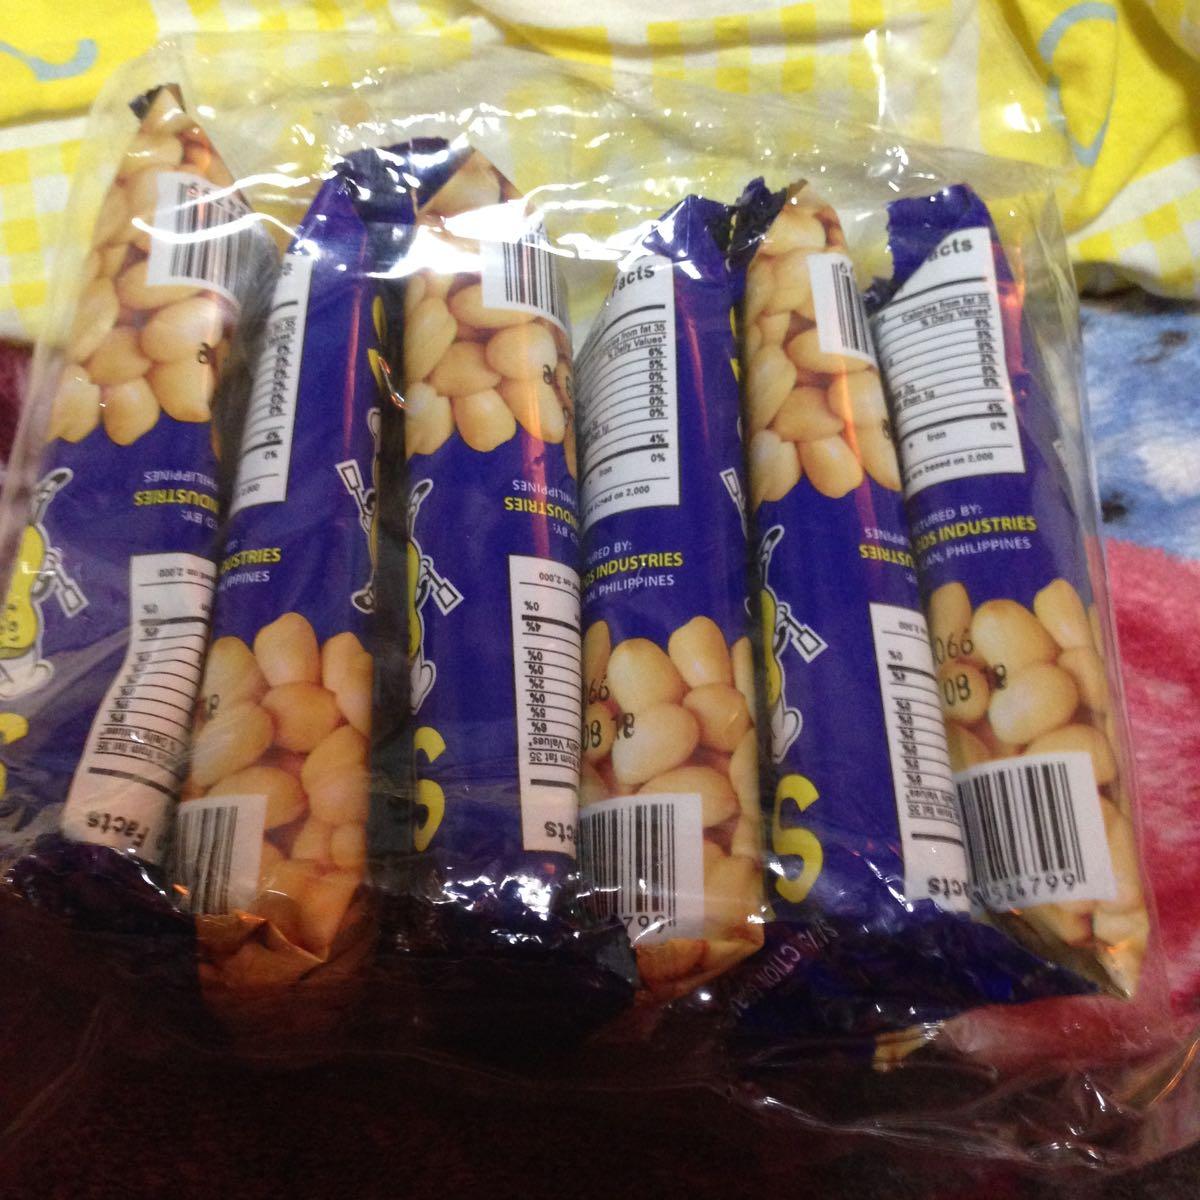 フィリピン おつまみ菓子 SUGO SALTED PEANUTS 6p入り お得!(◎_◎;)_画像3